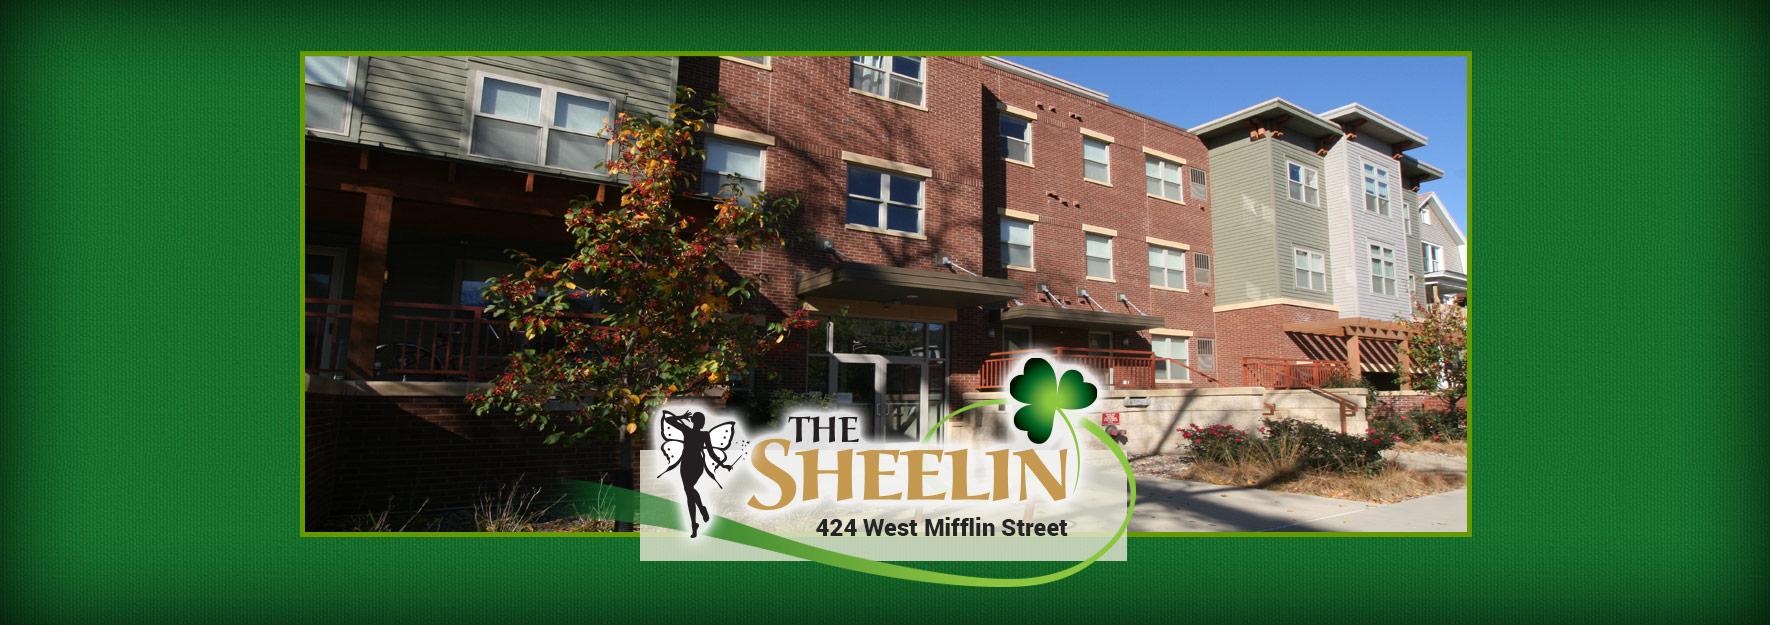 The Sheelin